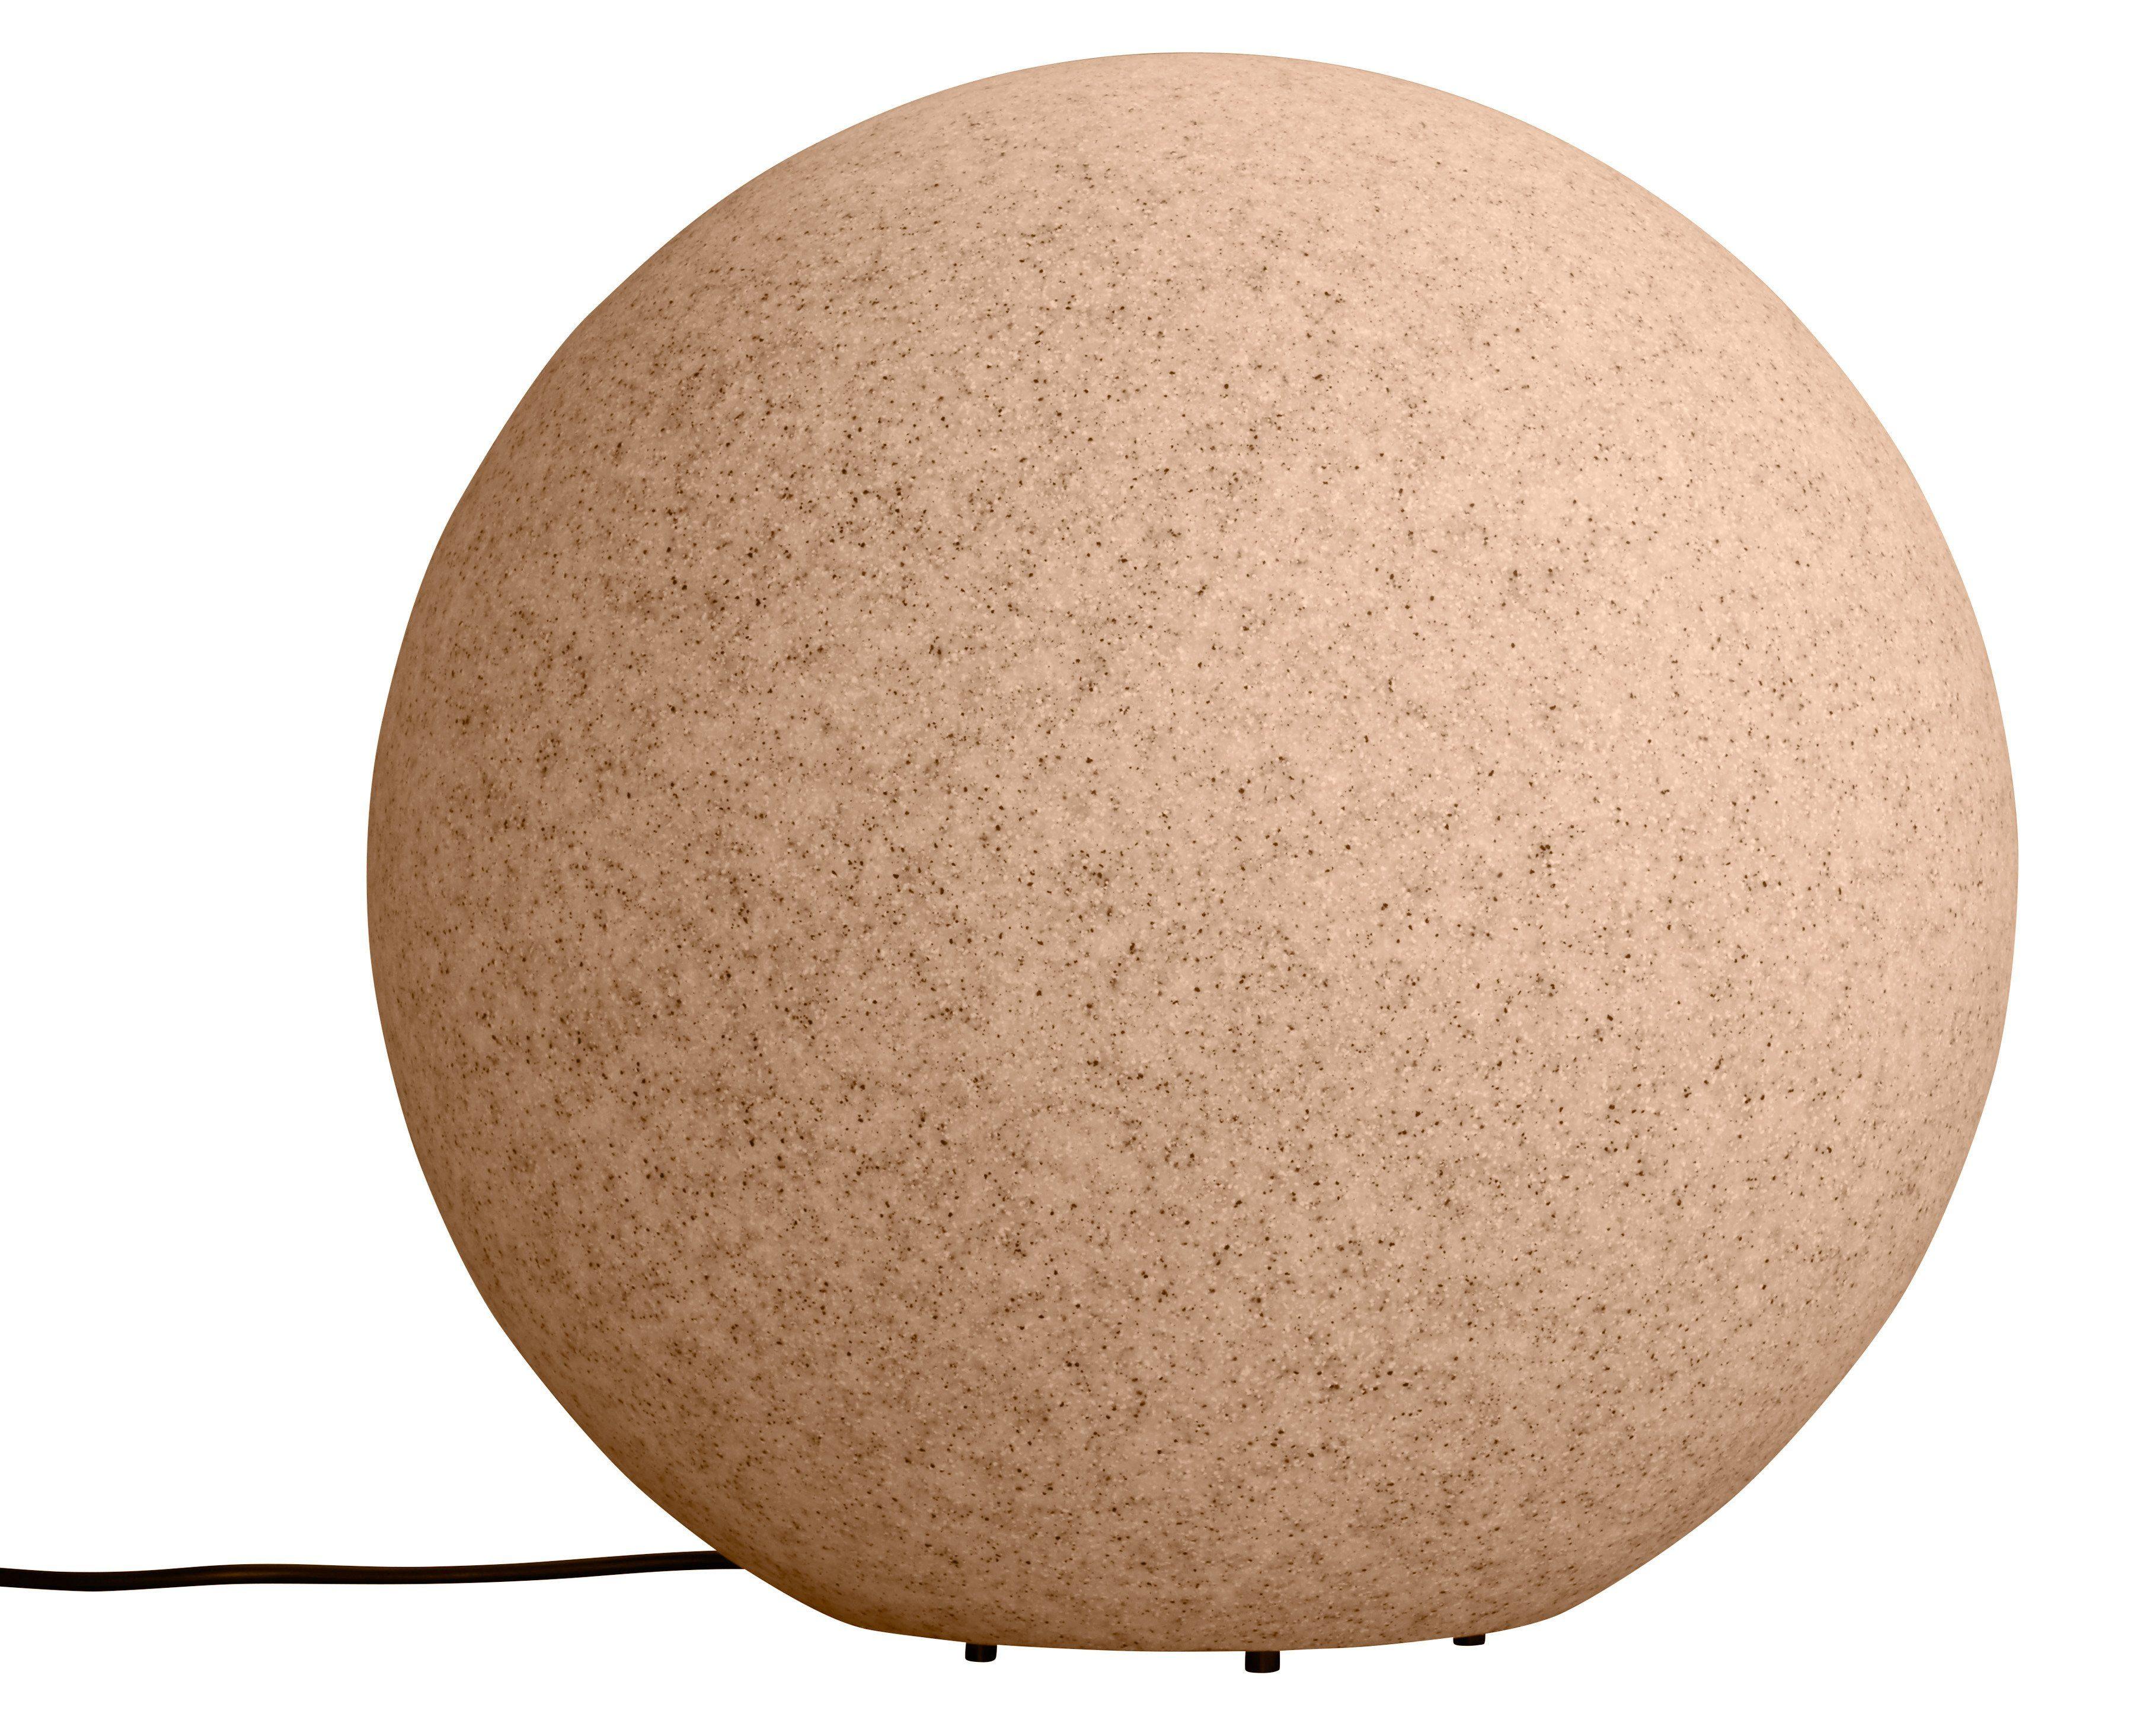 BETTERLIGHTING Leuchtkugel , Breite: 50 cm, sand